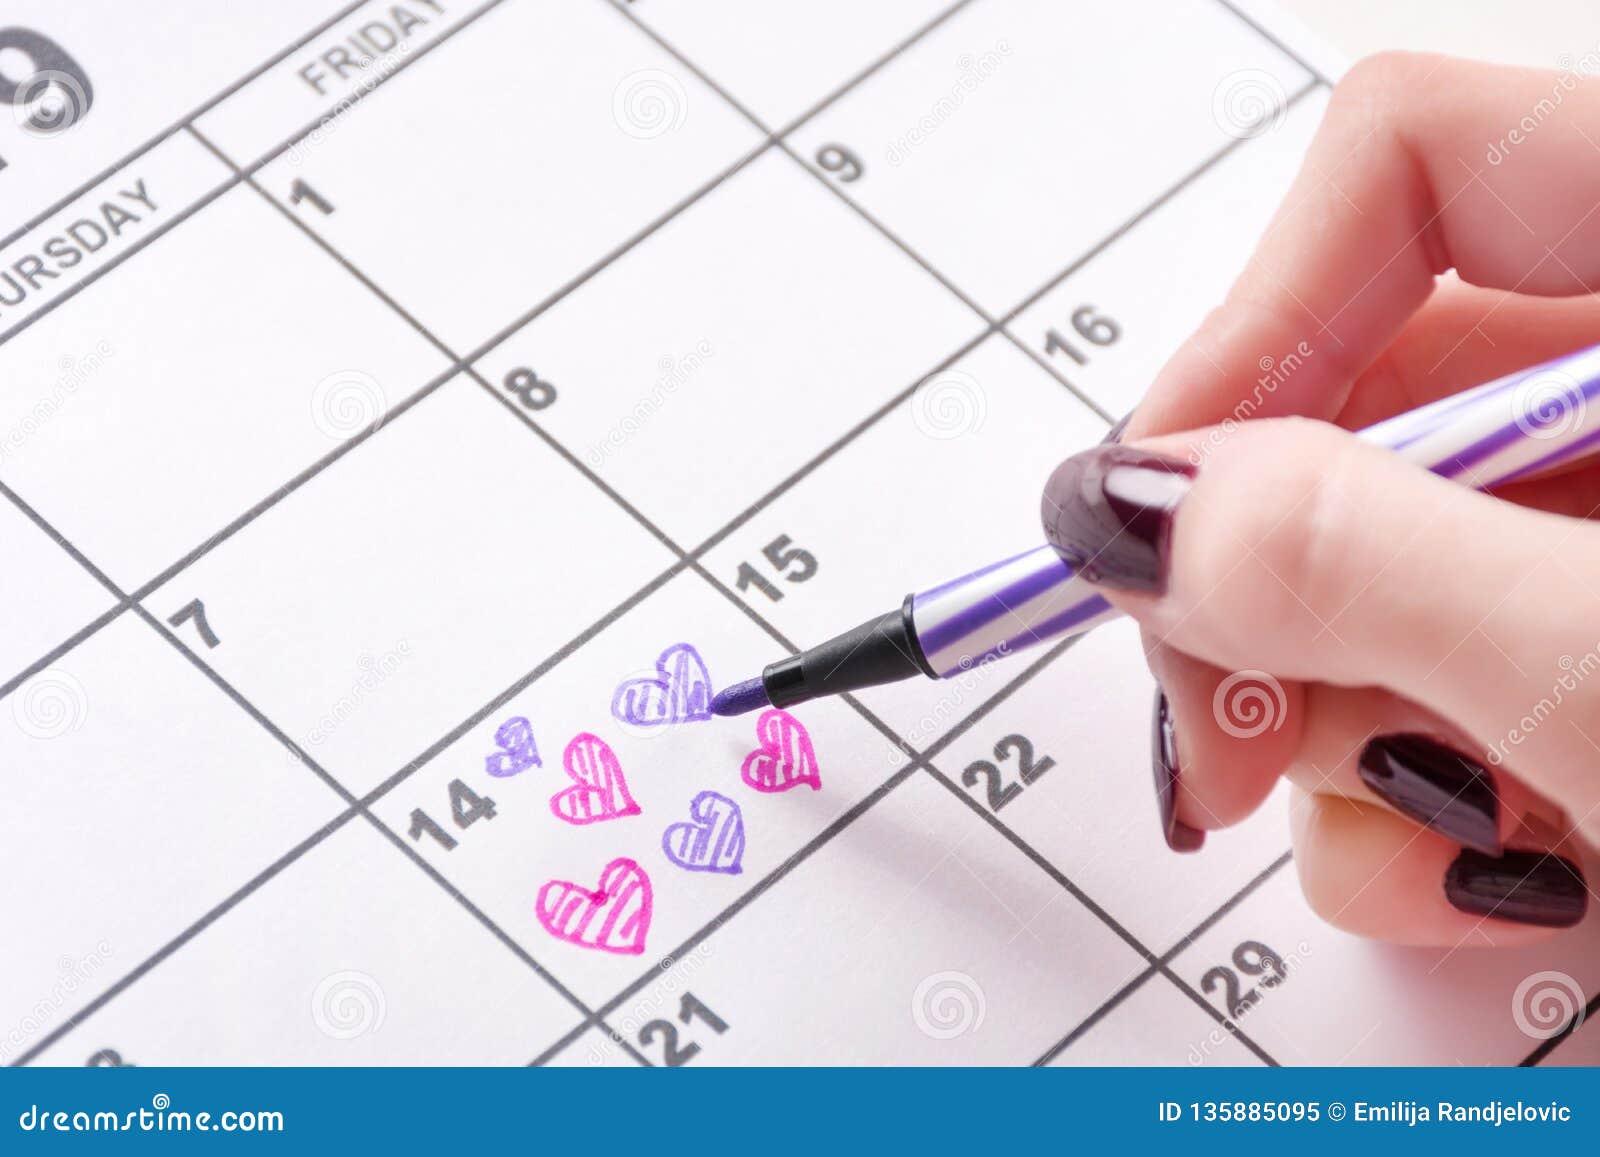 Σχεδιασμός χεριών κοριτσιών και μορφή καρδιών χρωματισμού στο ημερολόγιο για την ημέρα βαλεντίνων με την αισθητή μάνδρα